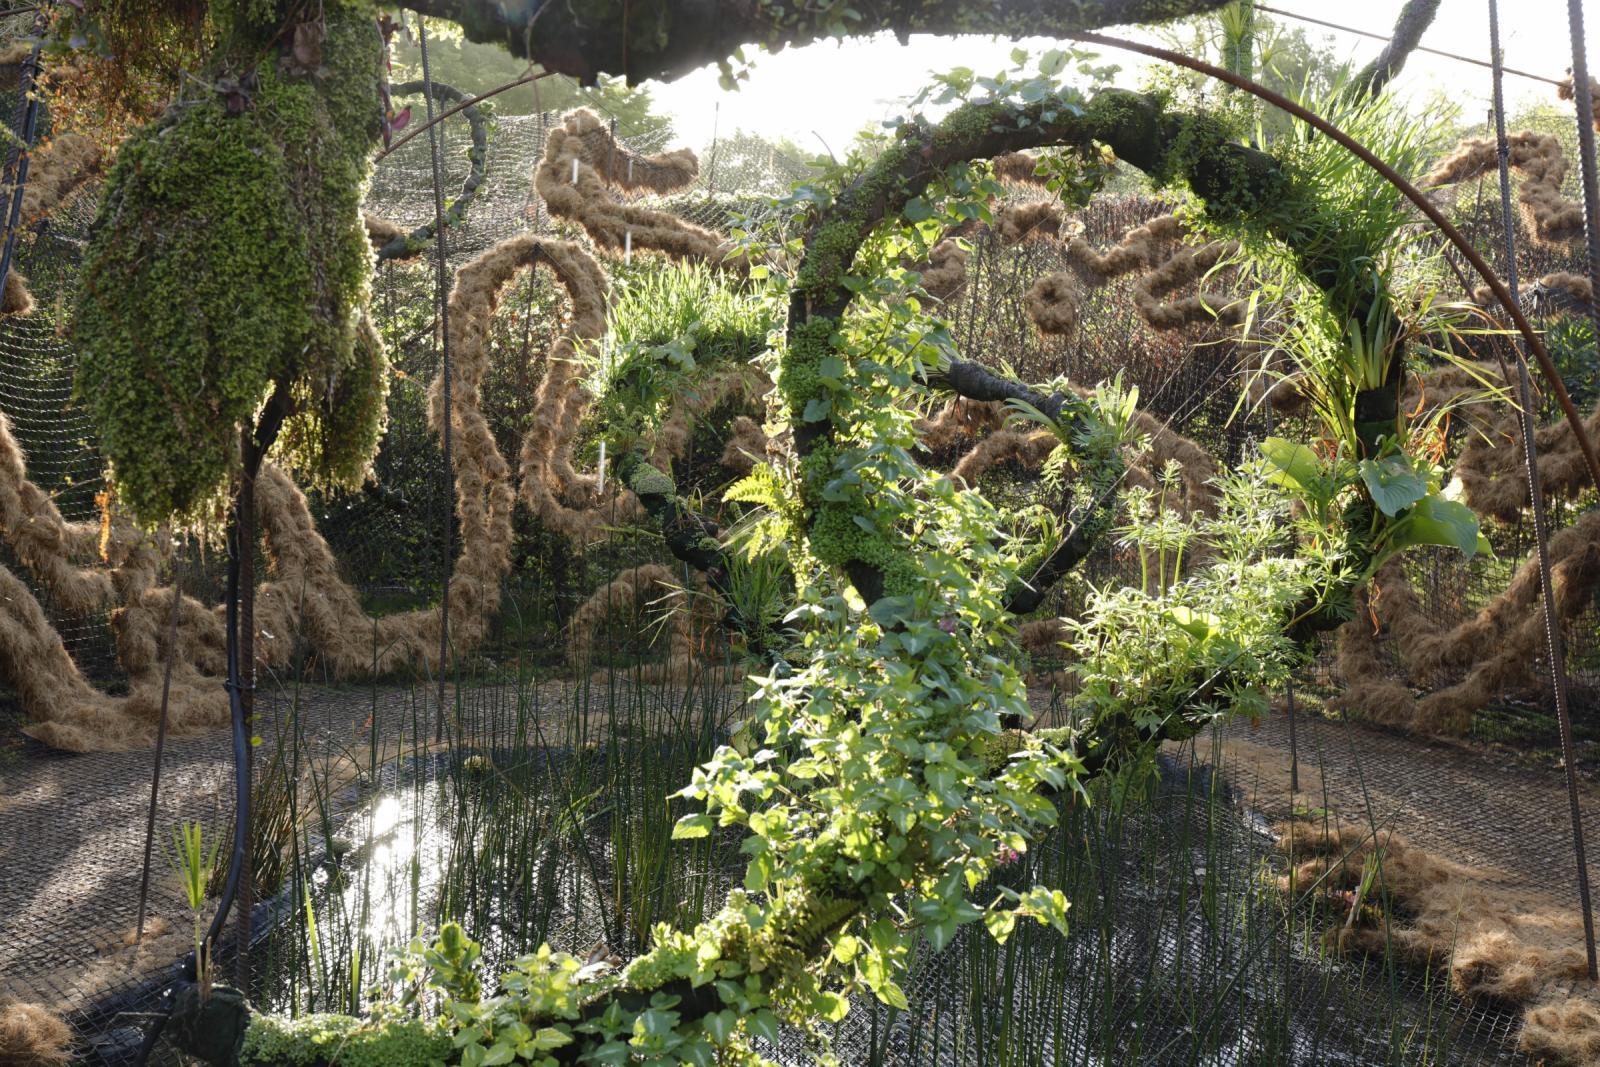 Le jardin flottant du songe domaine de chaumont sur loire for Jardin flottant